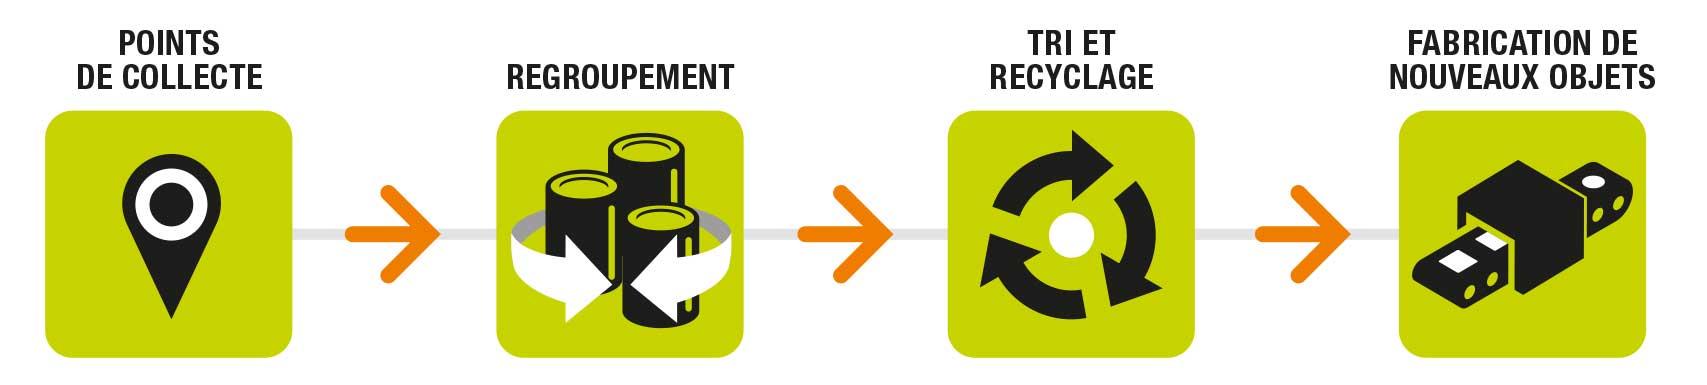 Recyclage batterie vélo électrique - Corépile